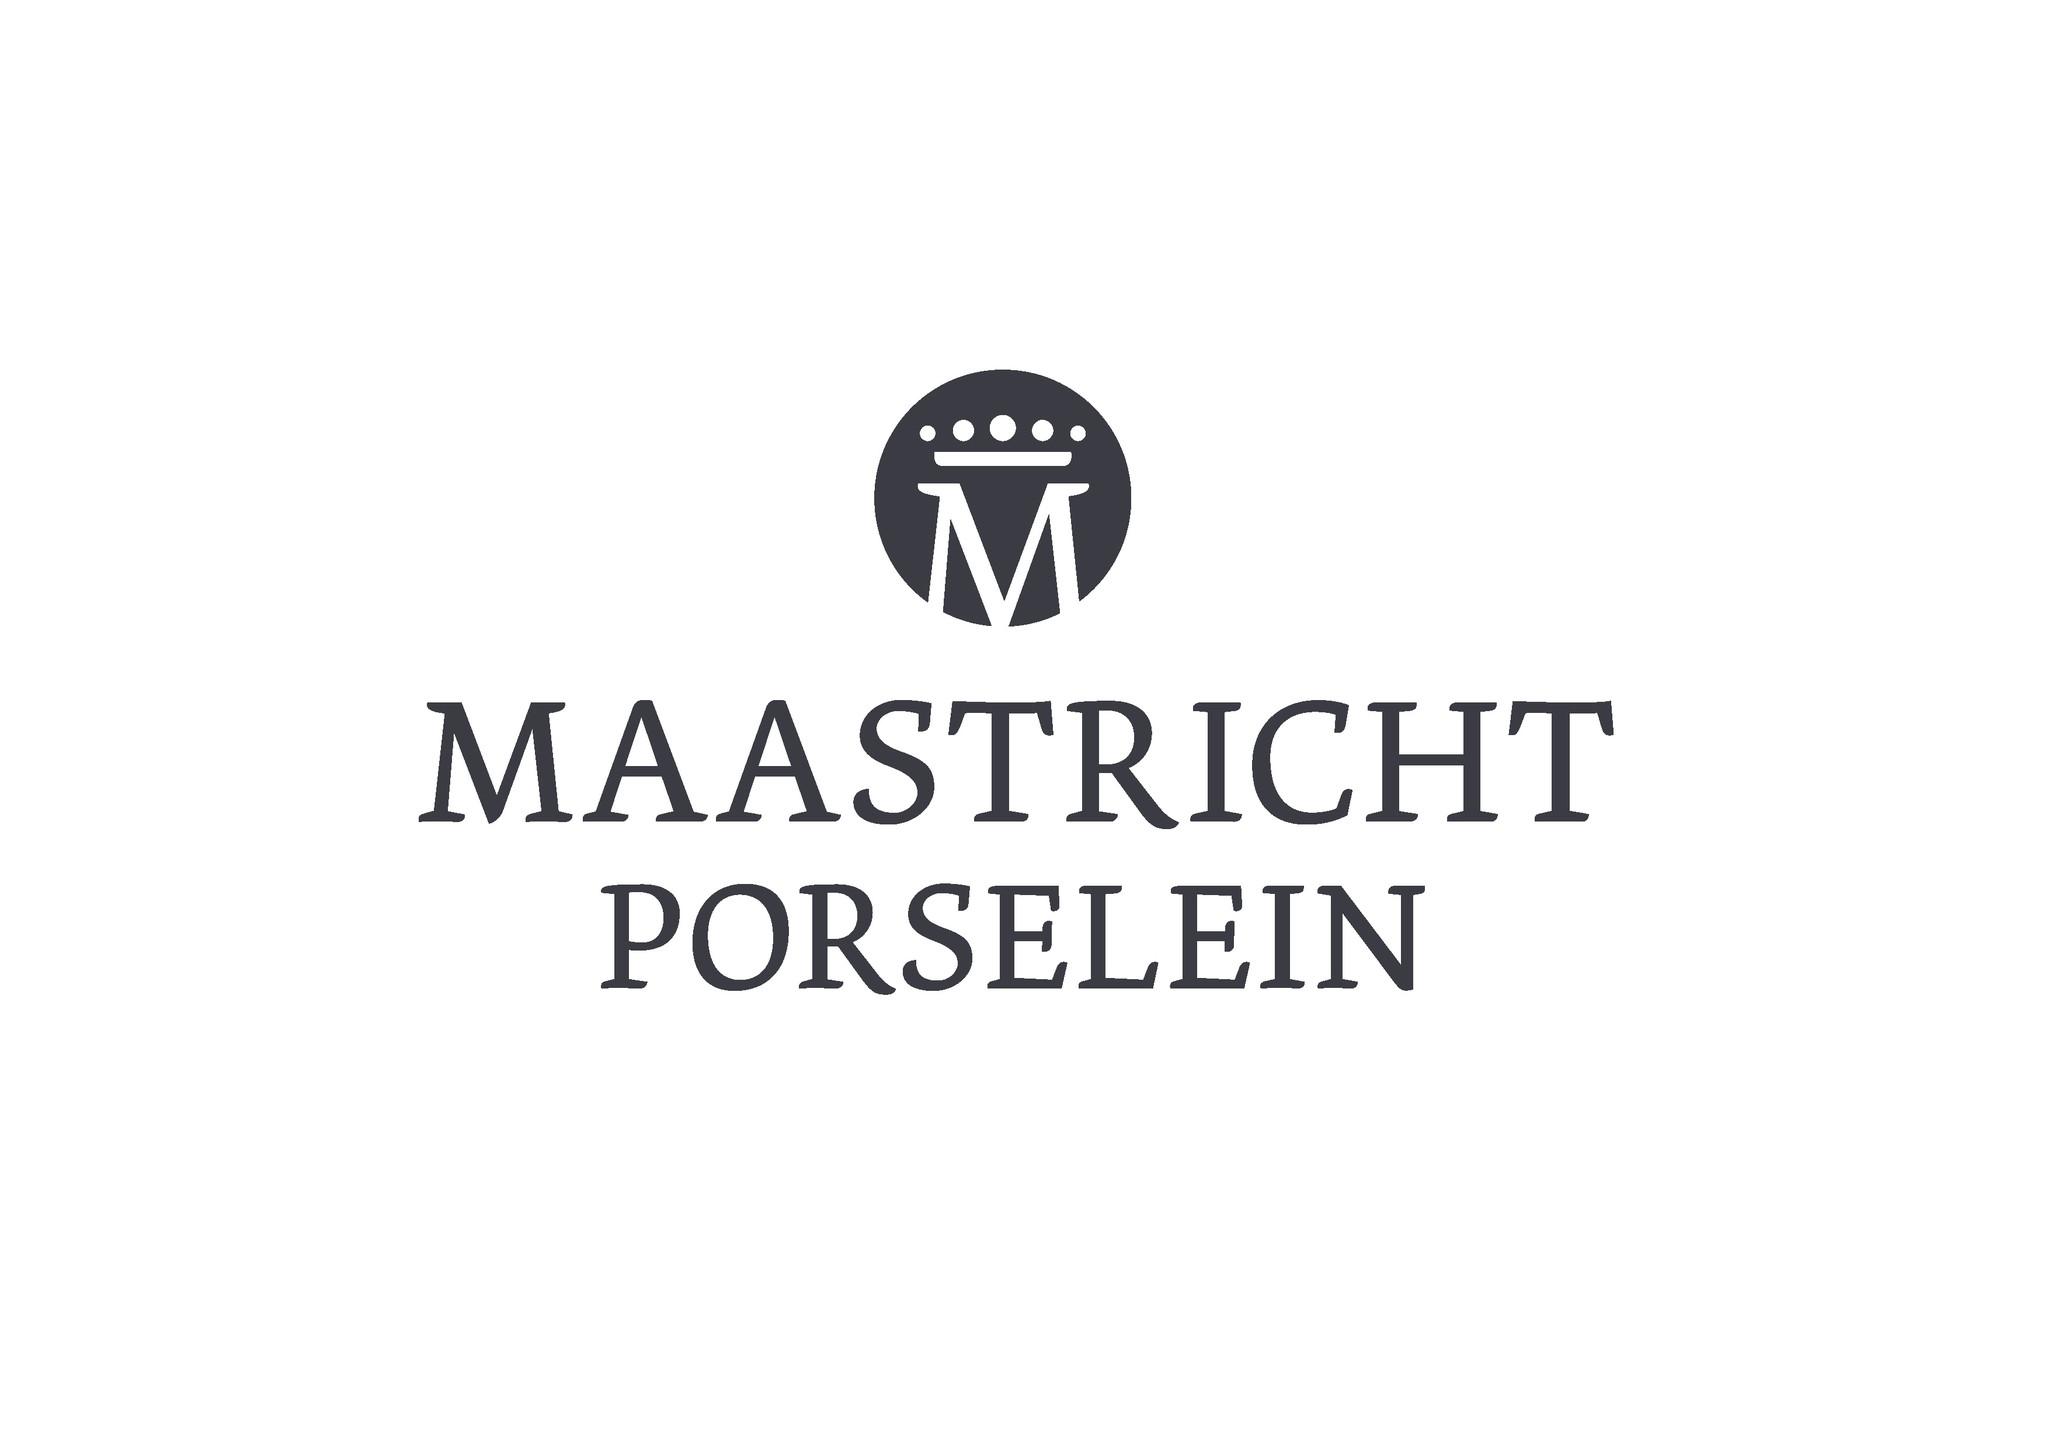 Maastricht Porselein Serviesset Maastricht porselein Lux 30 delig (10 personen)